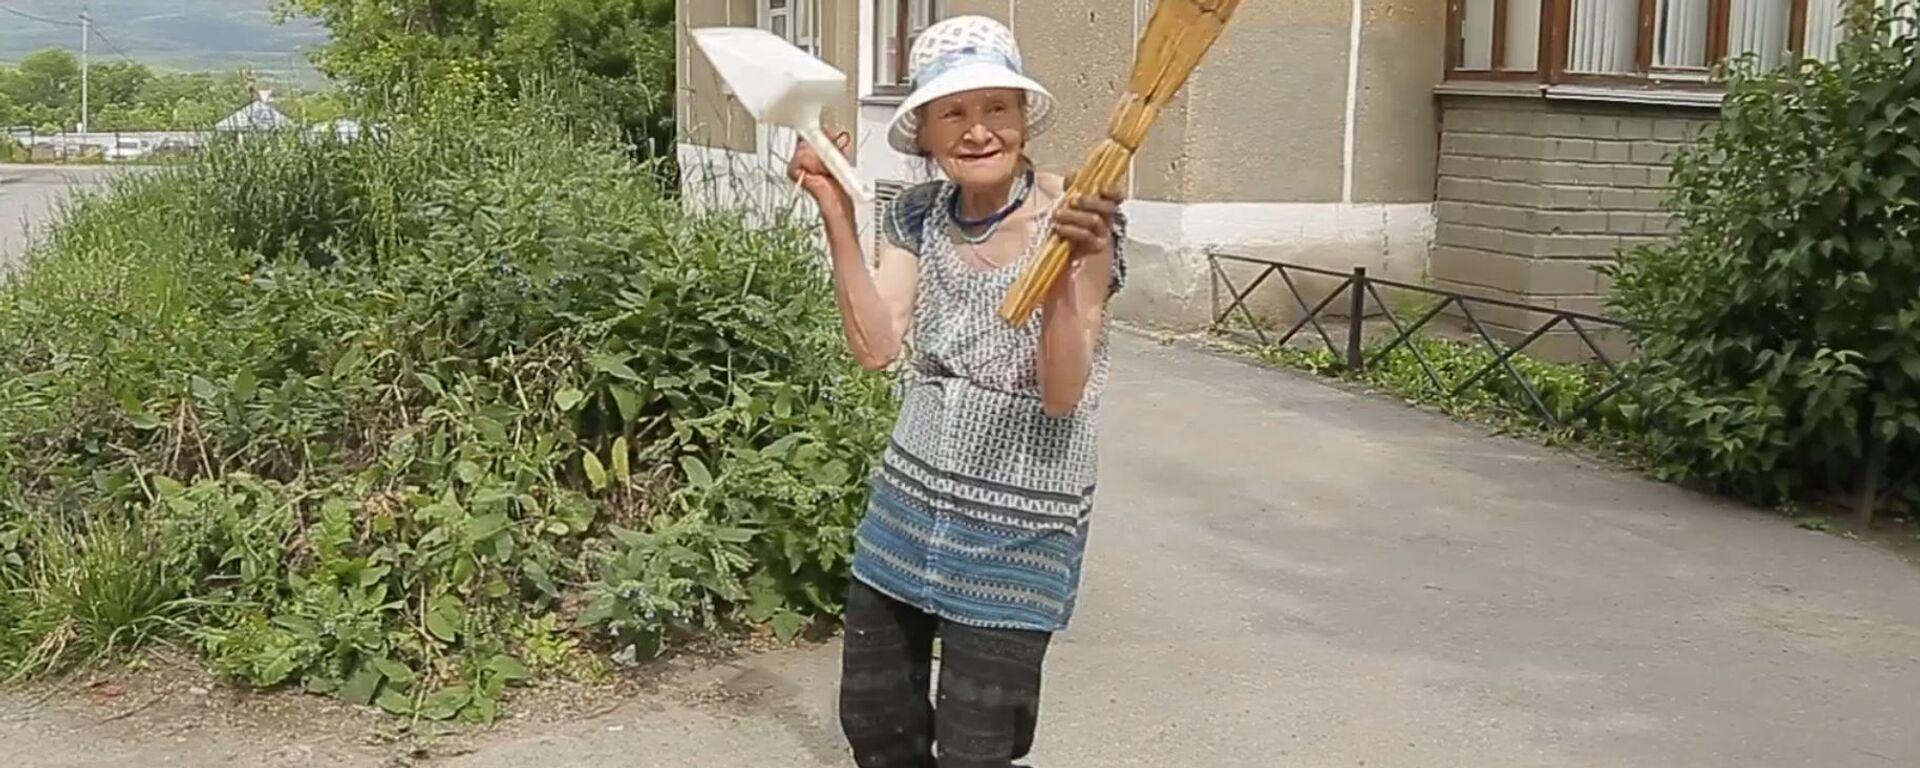 Η 80χρονη γιαγιά που μεταμορφώνει τη γειτονιά με το κέφι της  - Sputnik Ελλάδα, 1920, 27.08.2019